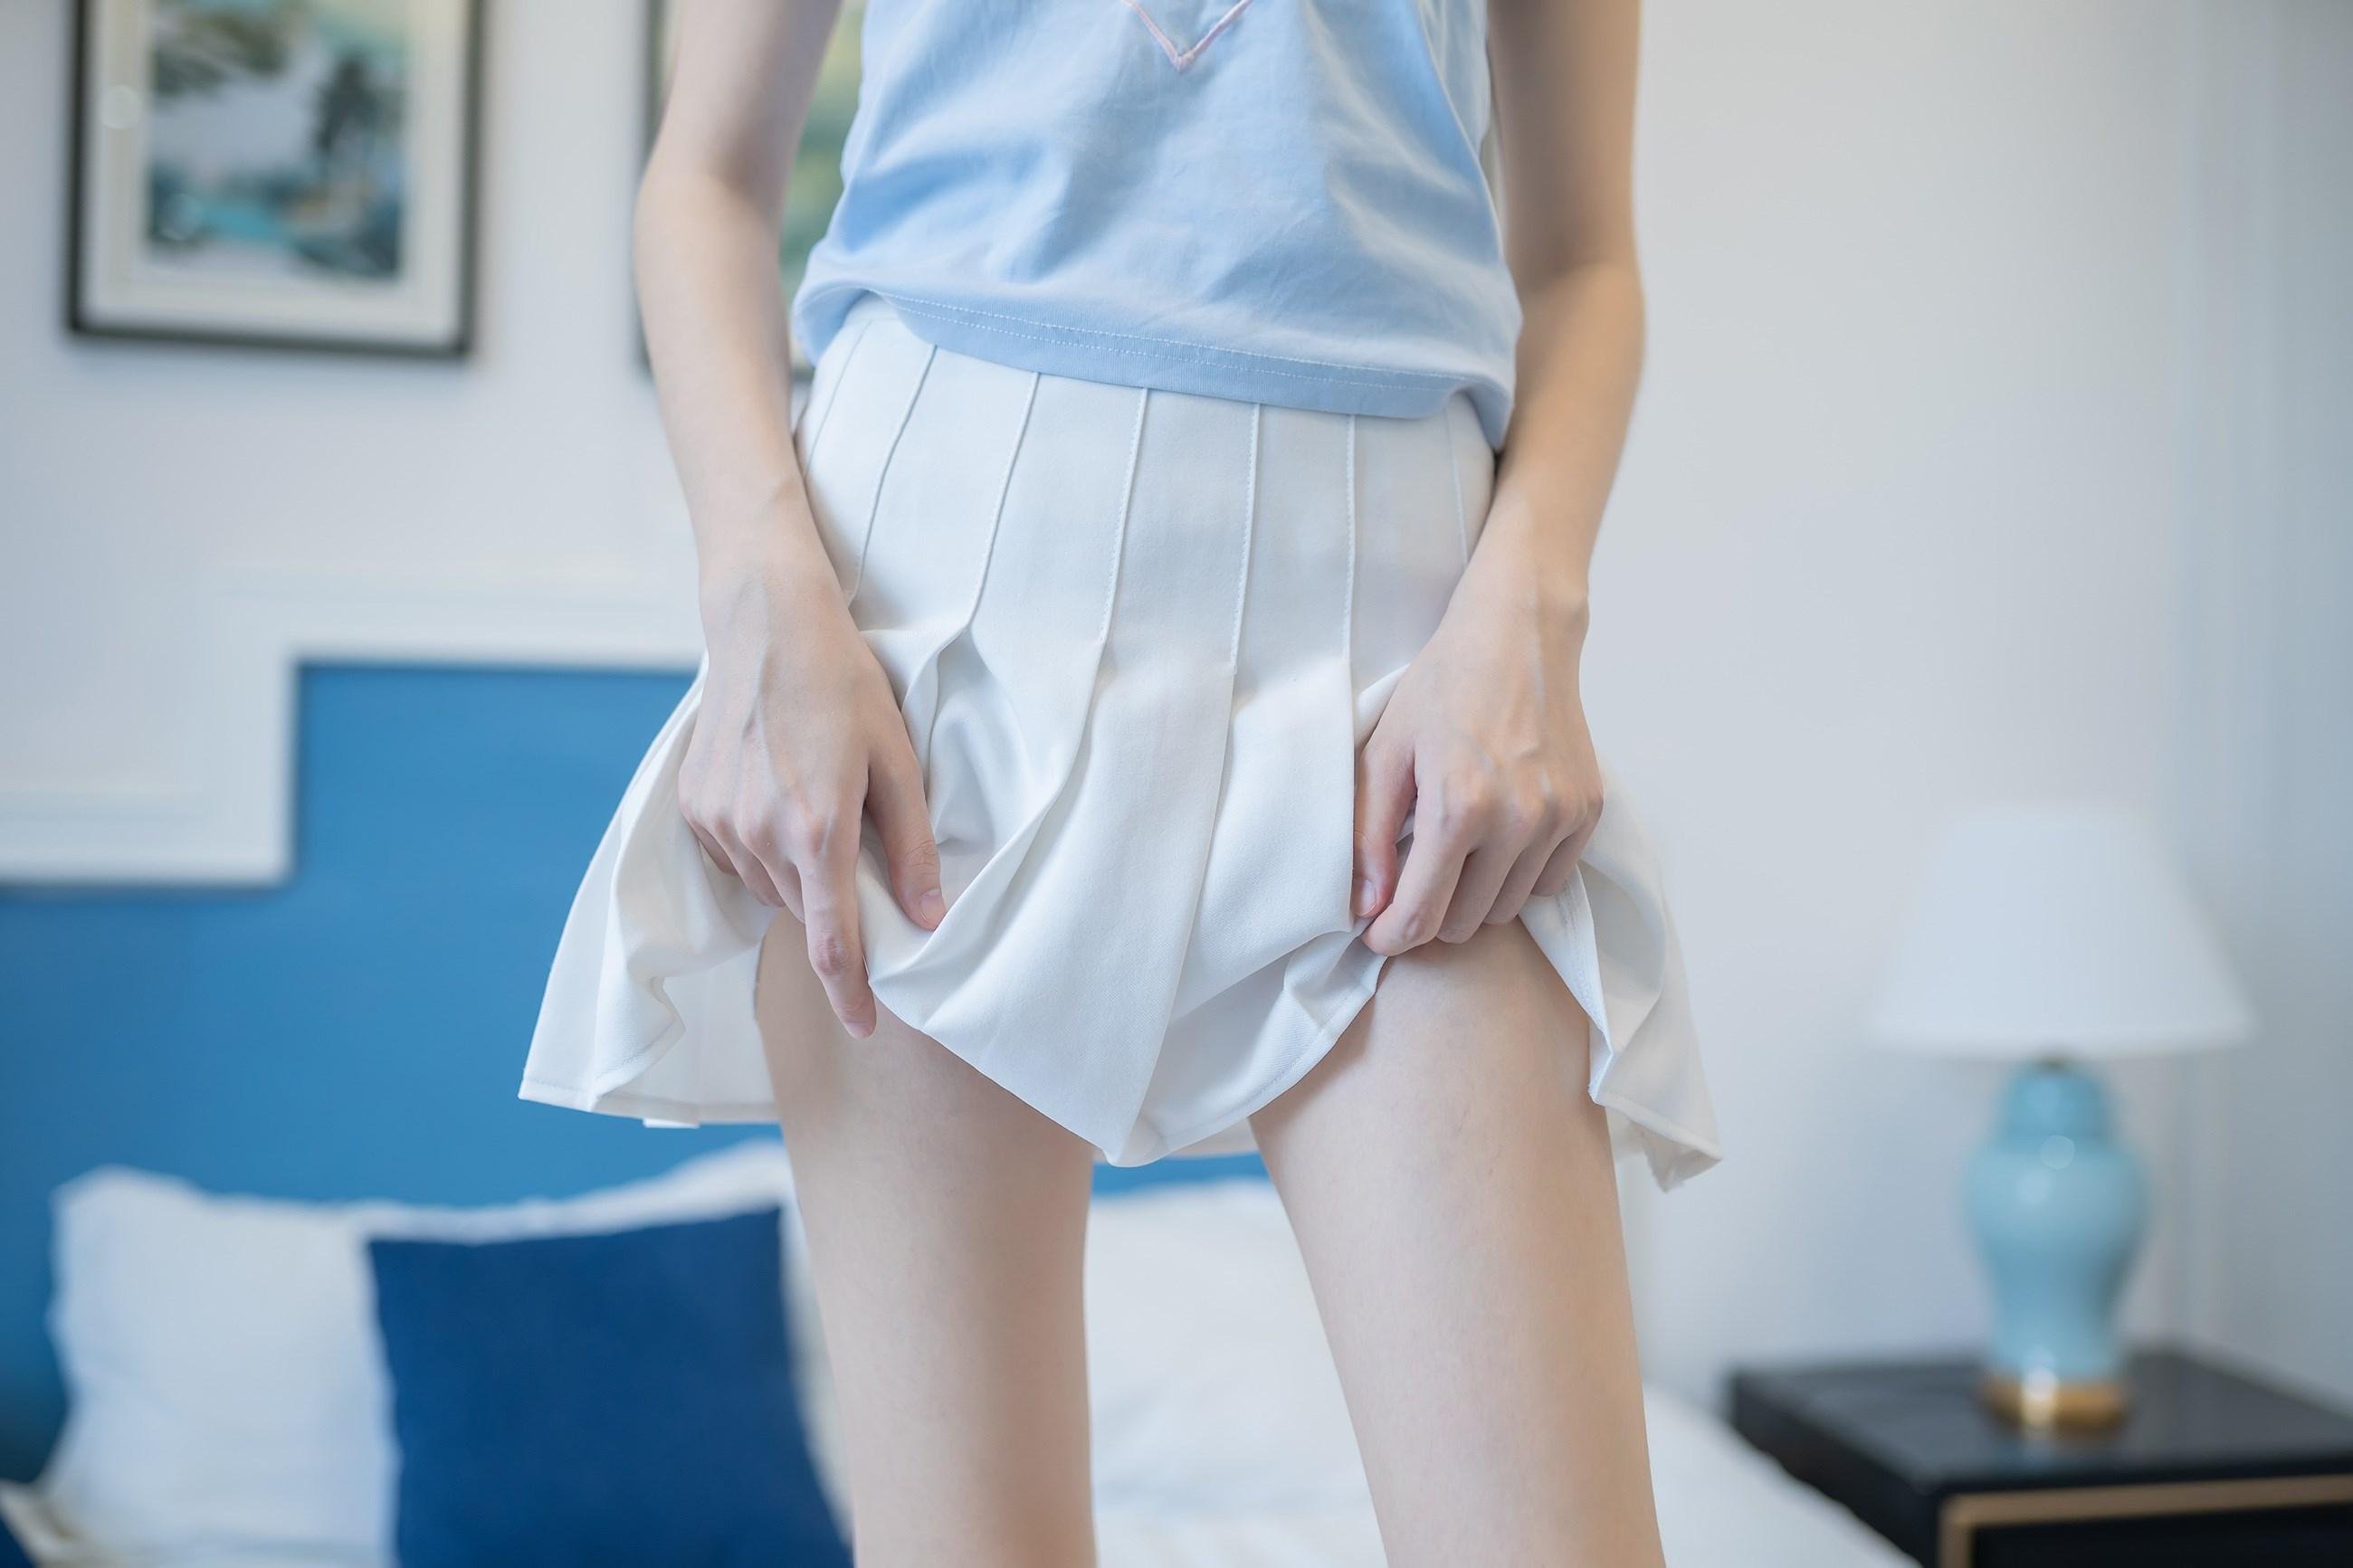 【兔玩映画】白裙果腿少女 兔玩映画 第40张